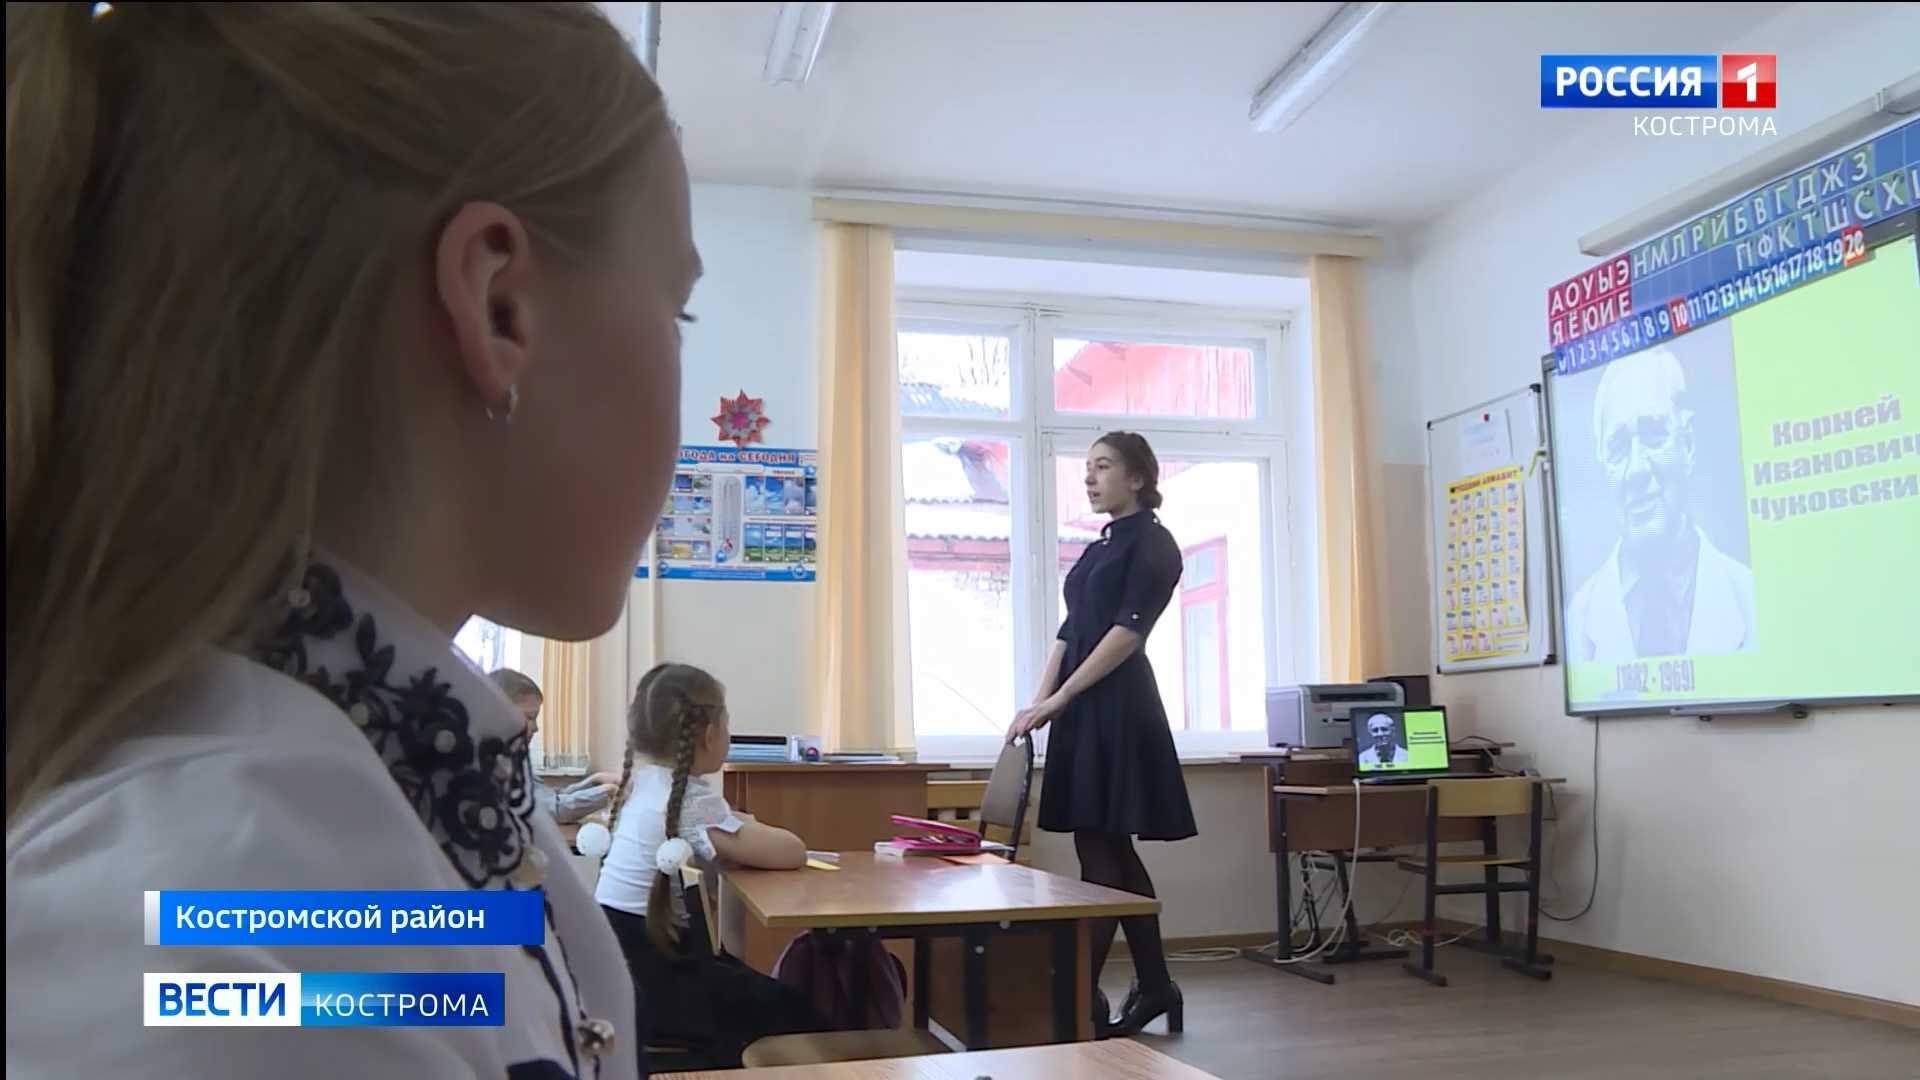 Костромские села пополняются новыми кадрами